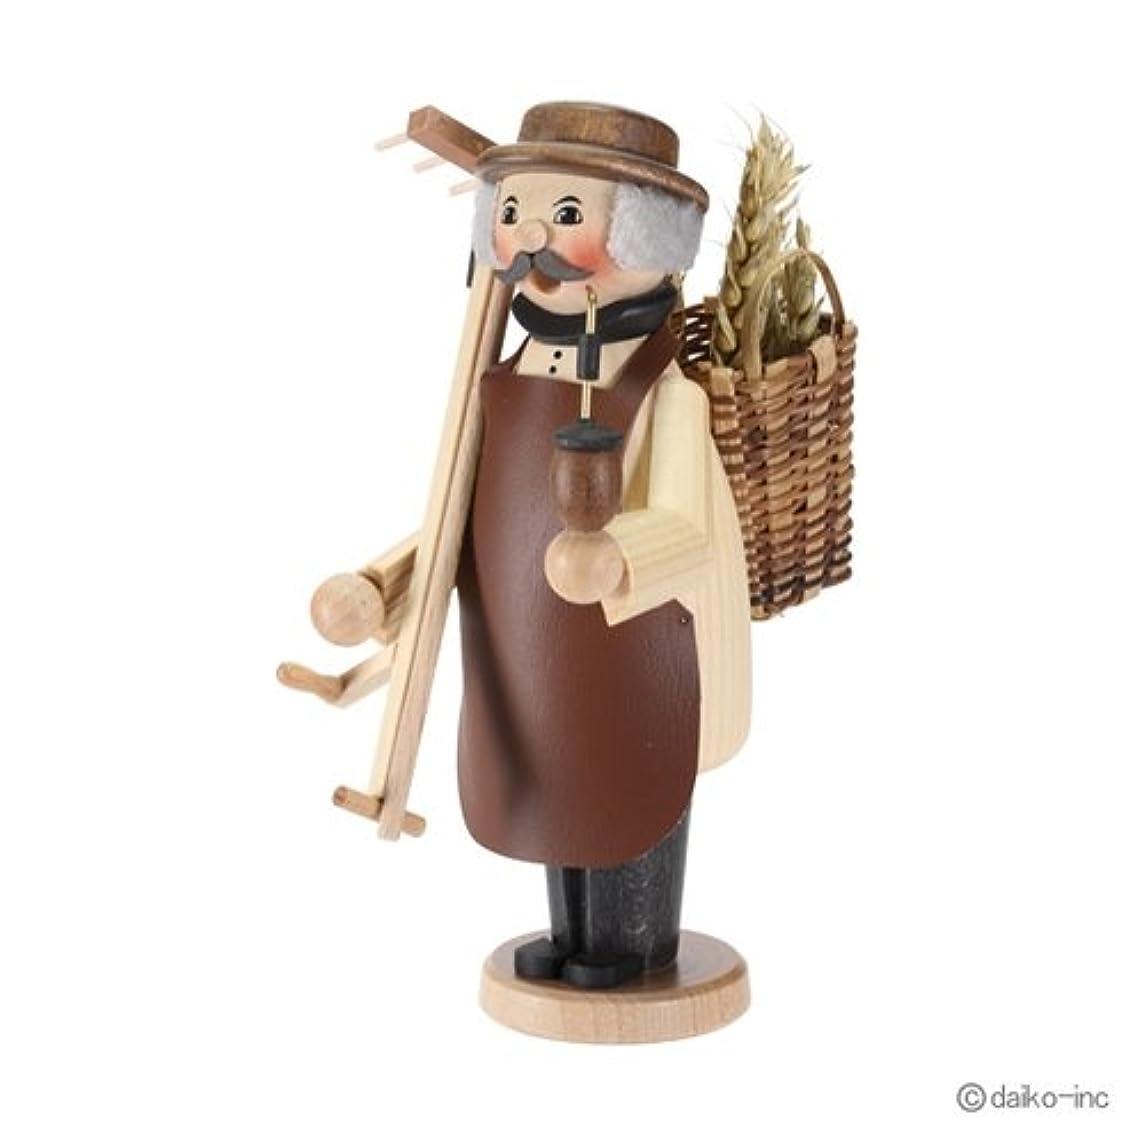 医薬品テセウス感性クーネルト kuhnert ミニパイプ人形香炉 農夫